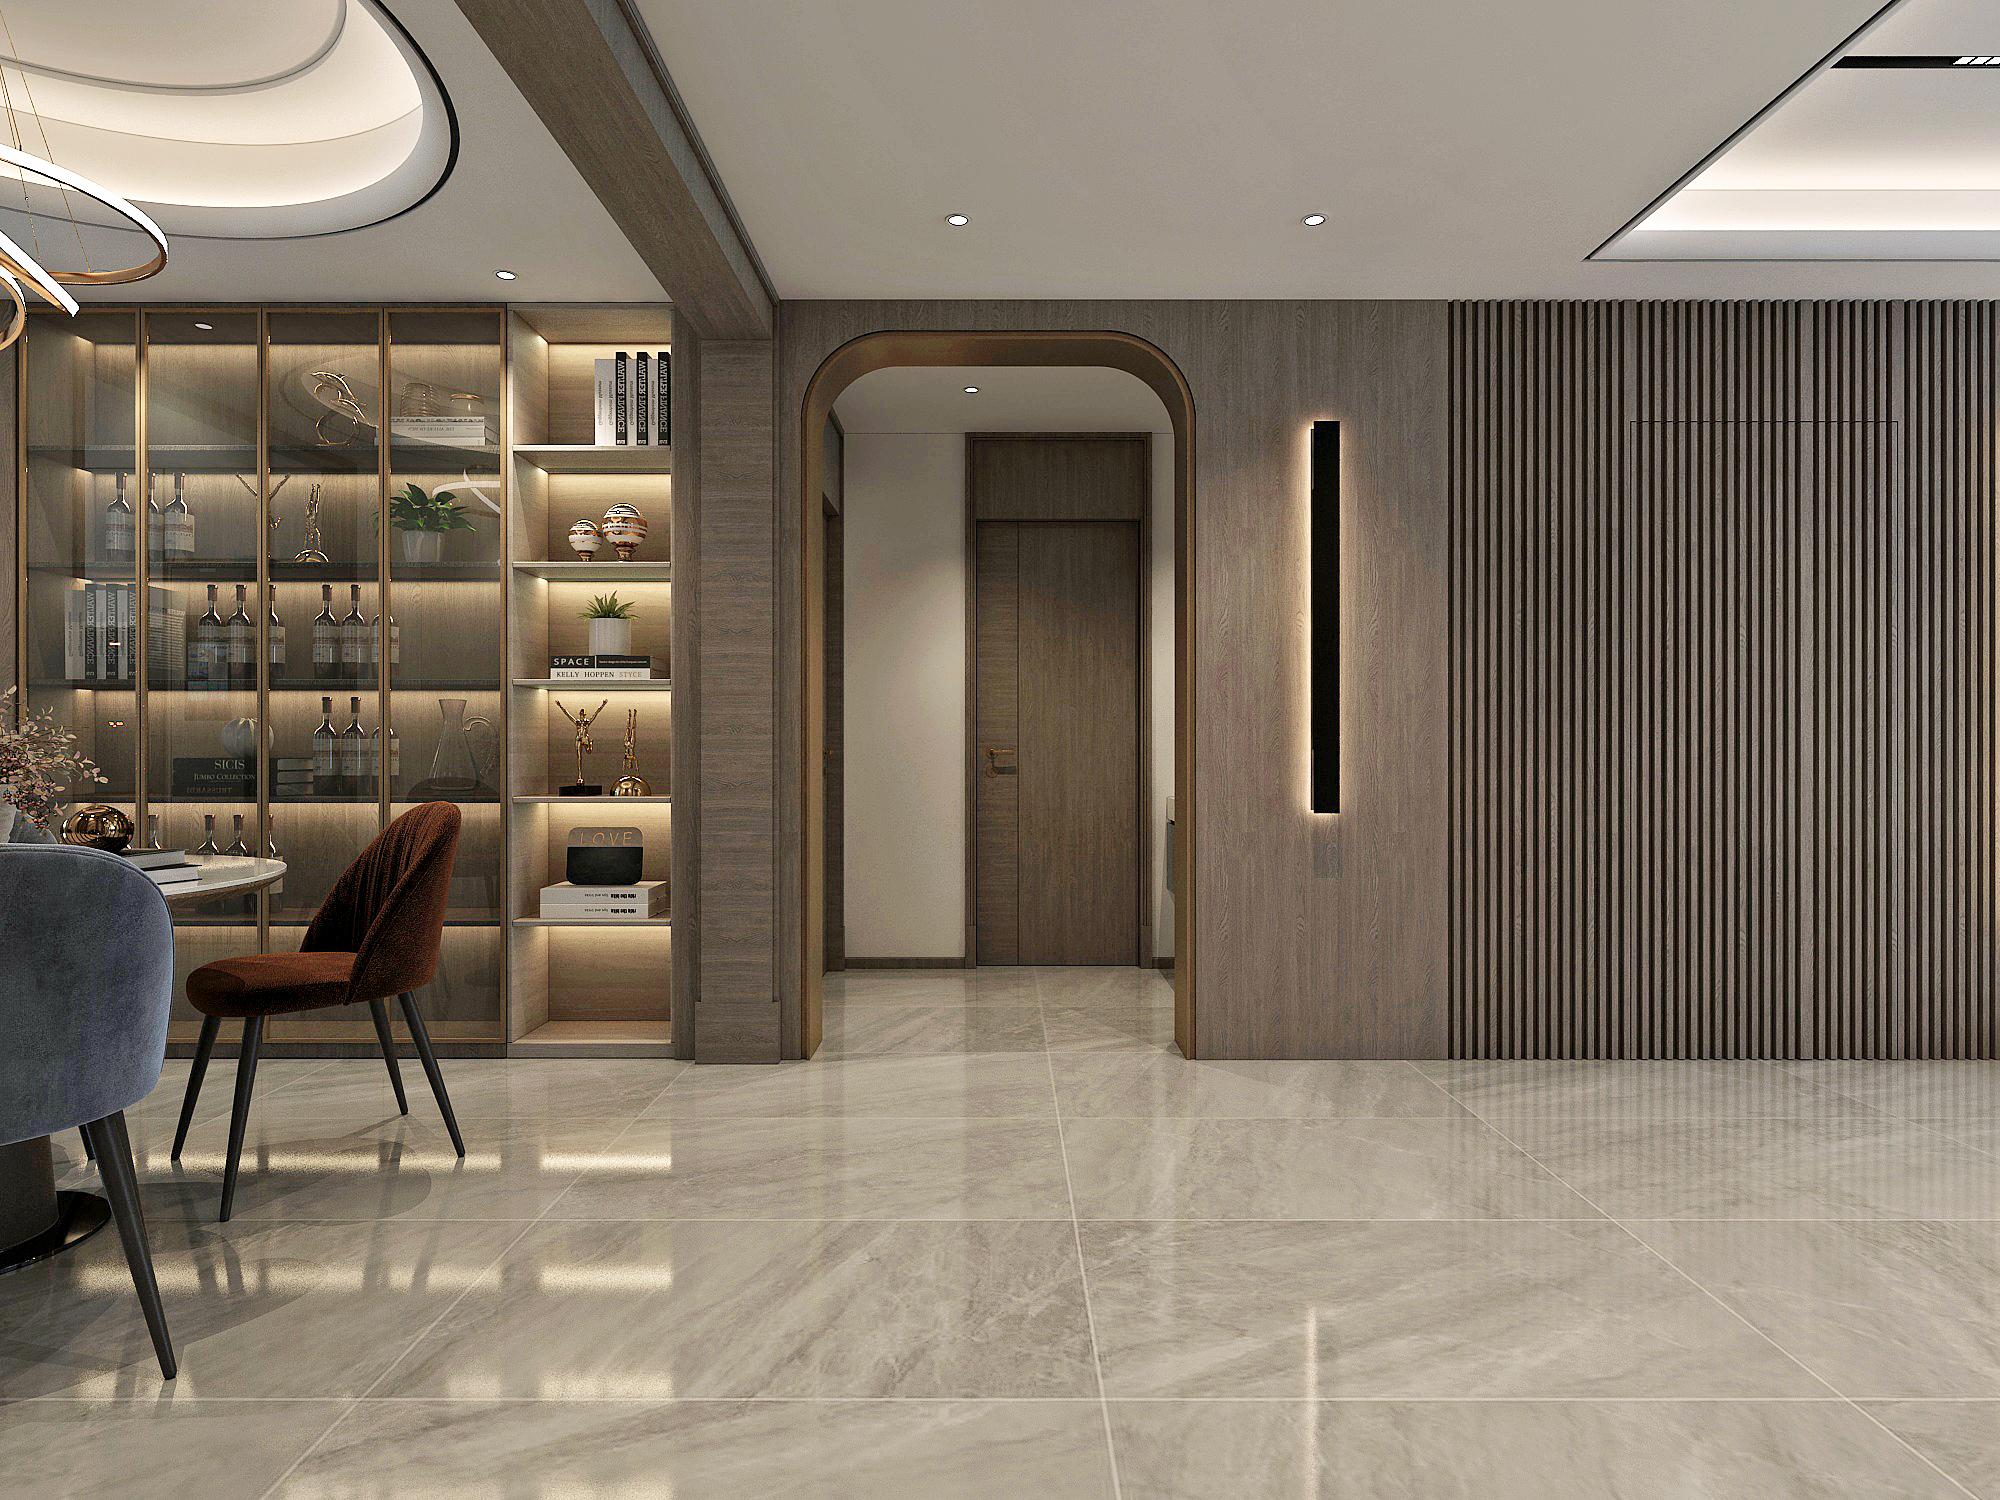 效果图制作/室内设计/工程设计/装修设计/家装设计/施工图